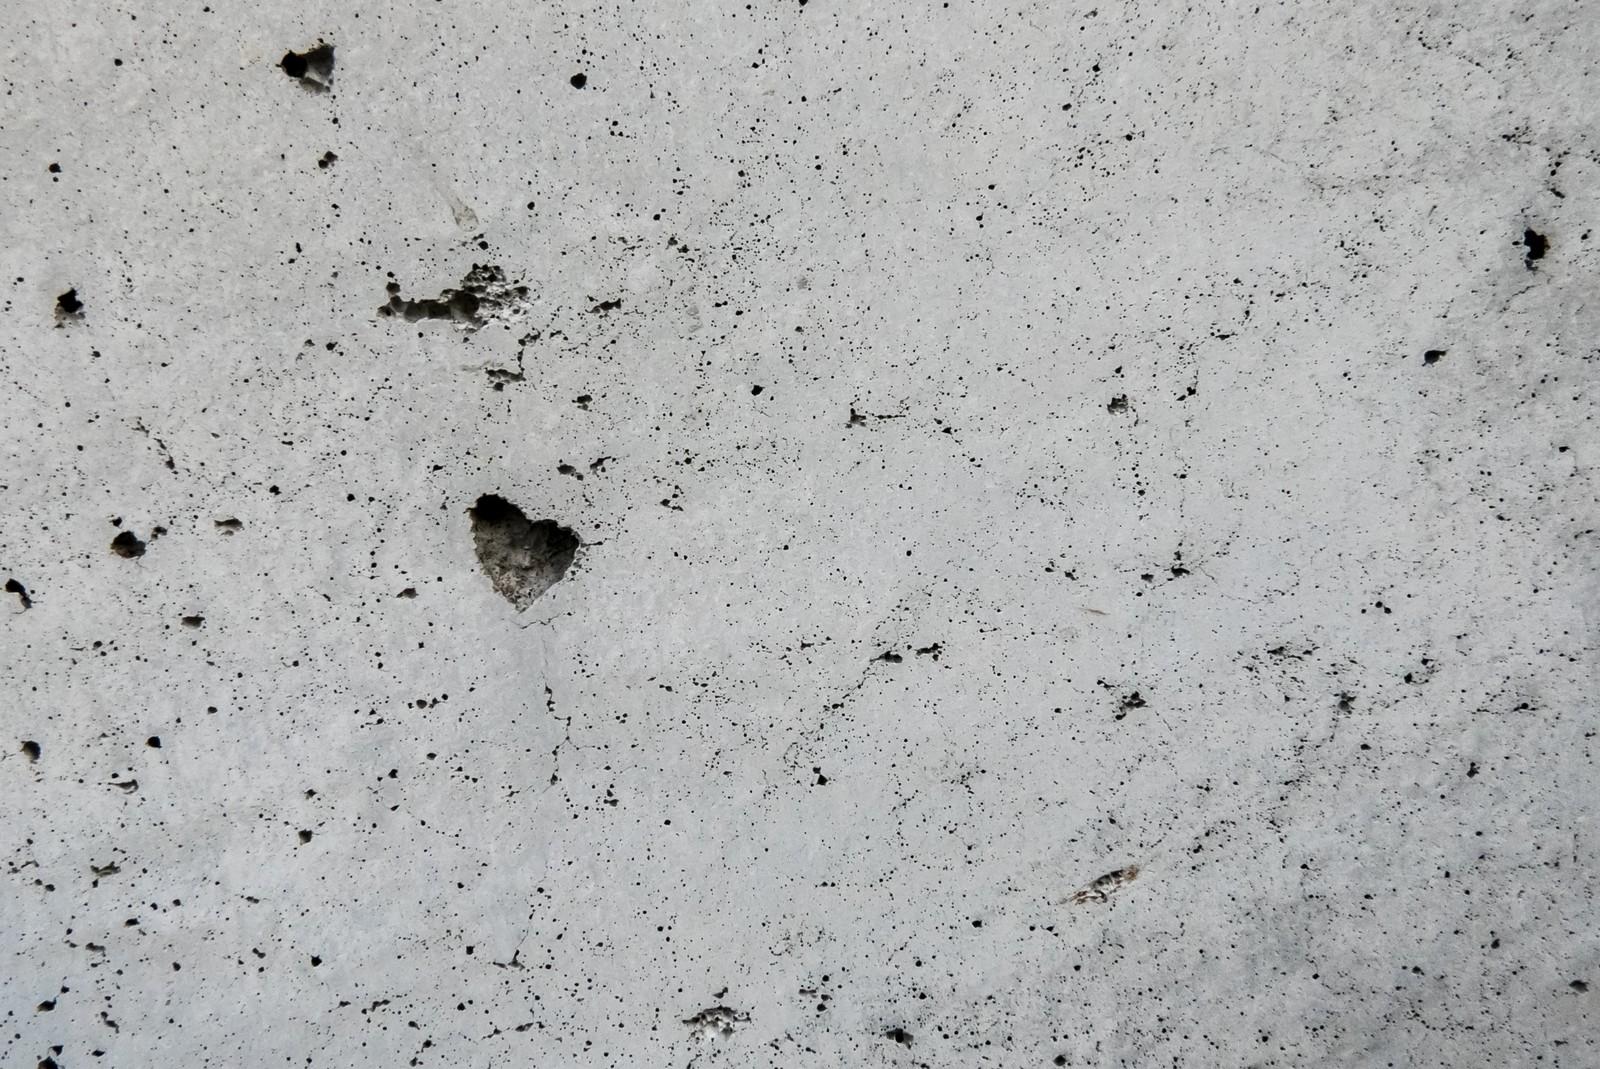 ほん怖ネタバレ「影女」壁のシミが人の形に…幽霊よりも怖いもの